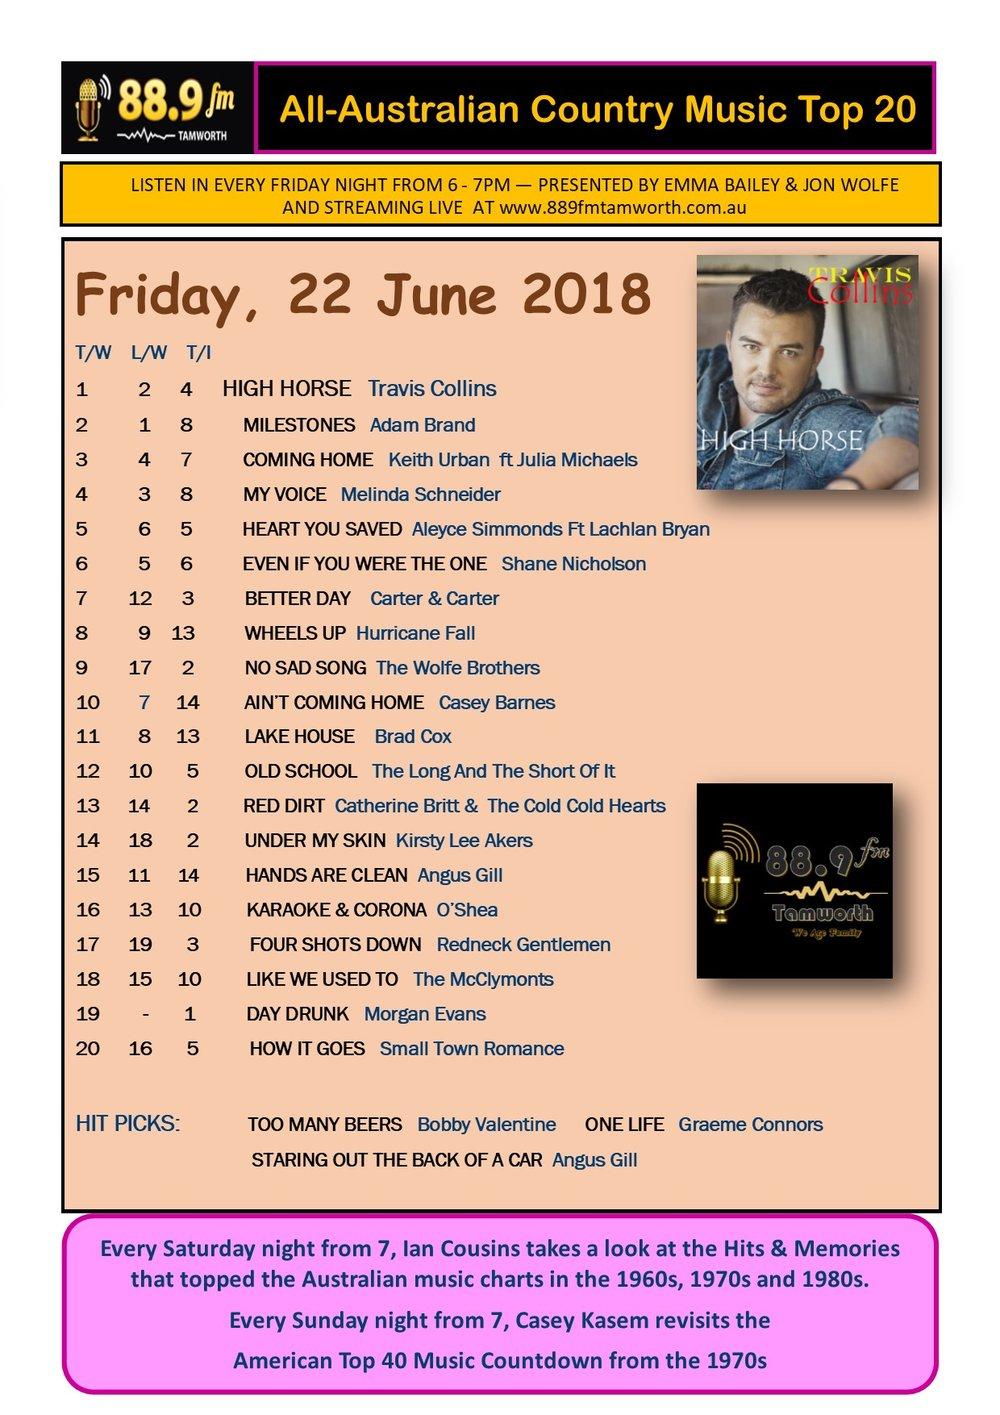 889FM CHART 22 June 2018.jpg